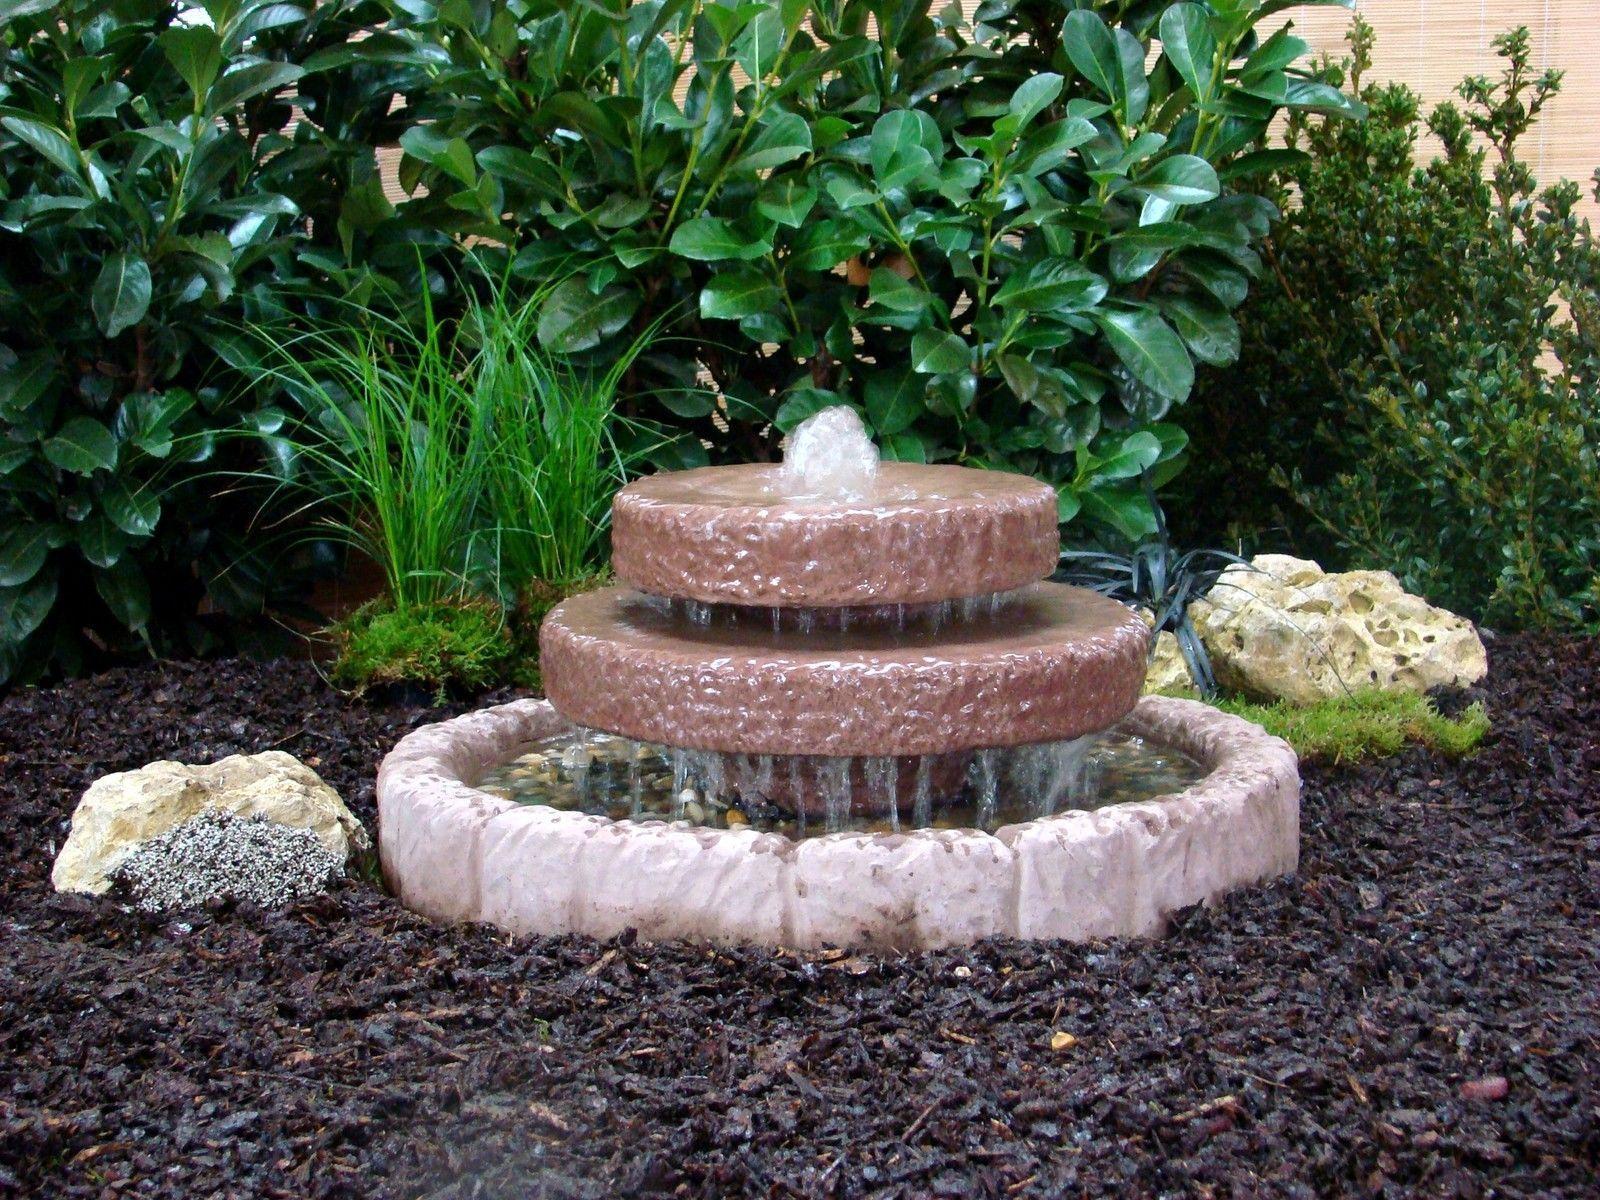 Kaskadenbrunnen Springbrunnen Brunnen Wasserspiel Werksandstein Stein 43kg